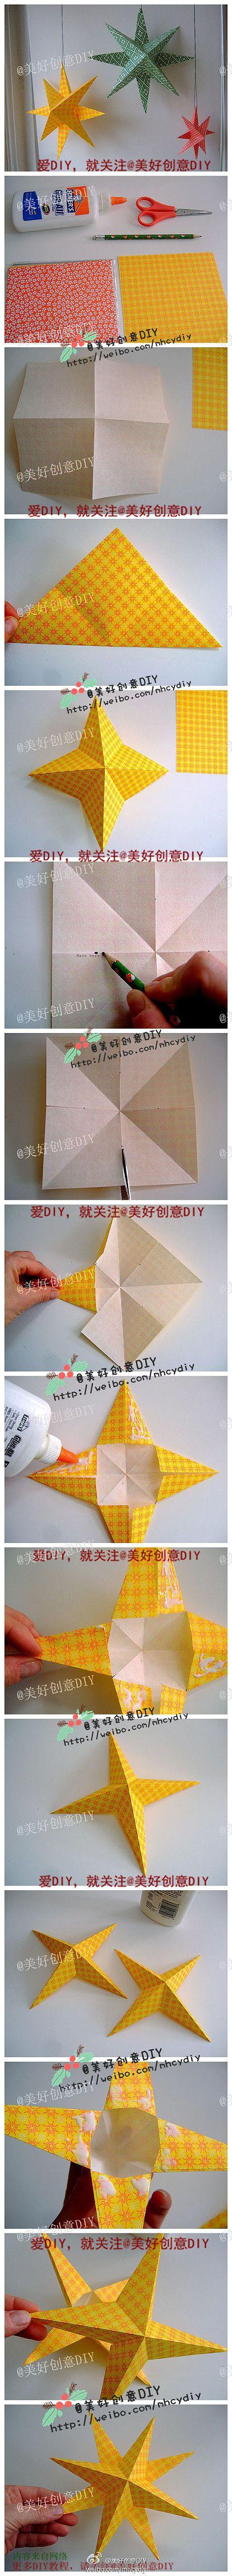 DIY Origami Paper handmade star origami tutorial